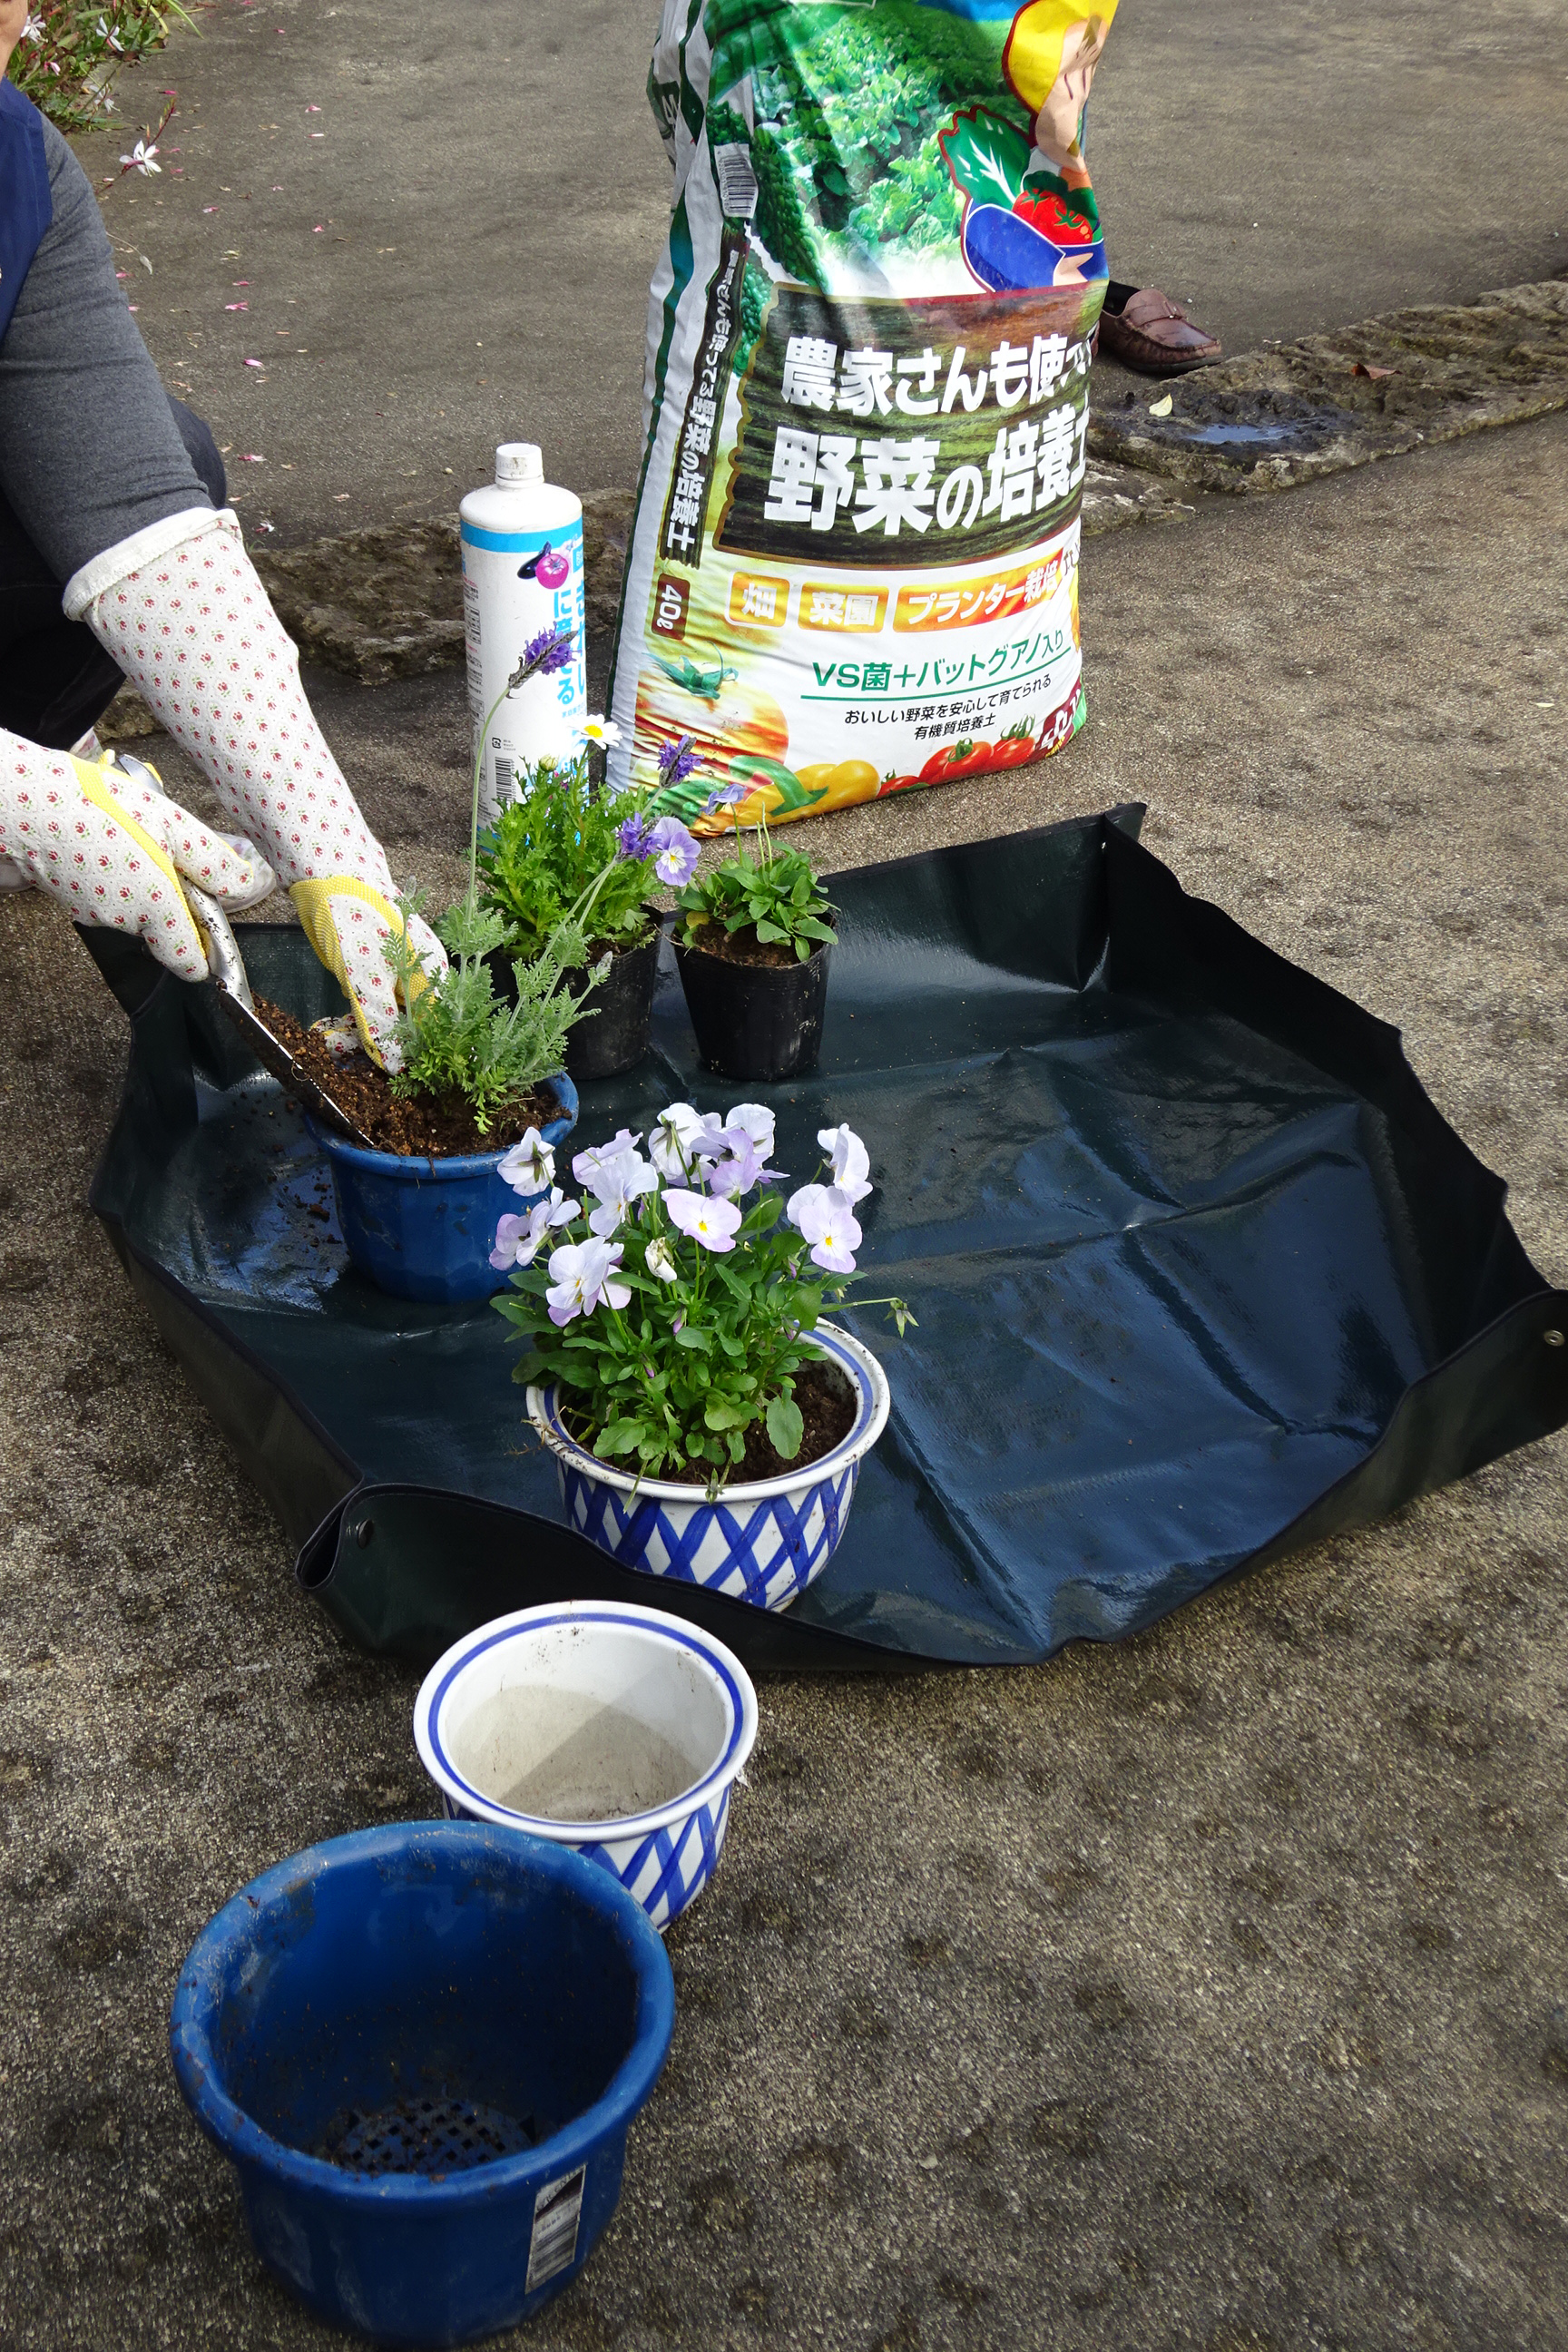 http://gr-garden.com/item/grass_cut/n-sheet-image5.JPG